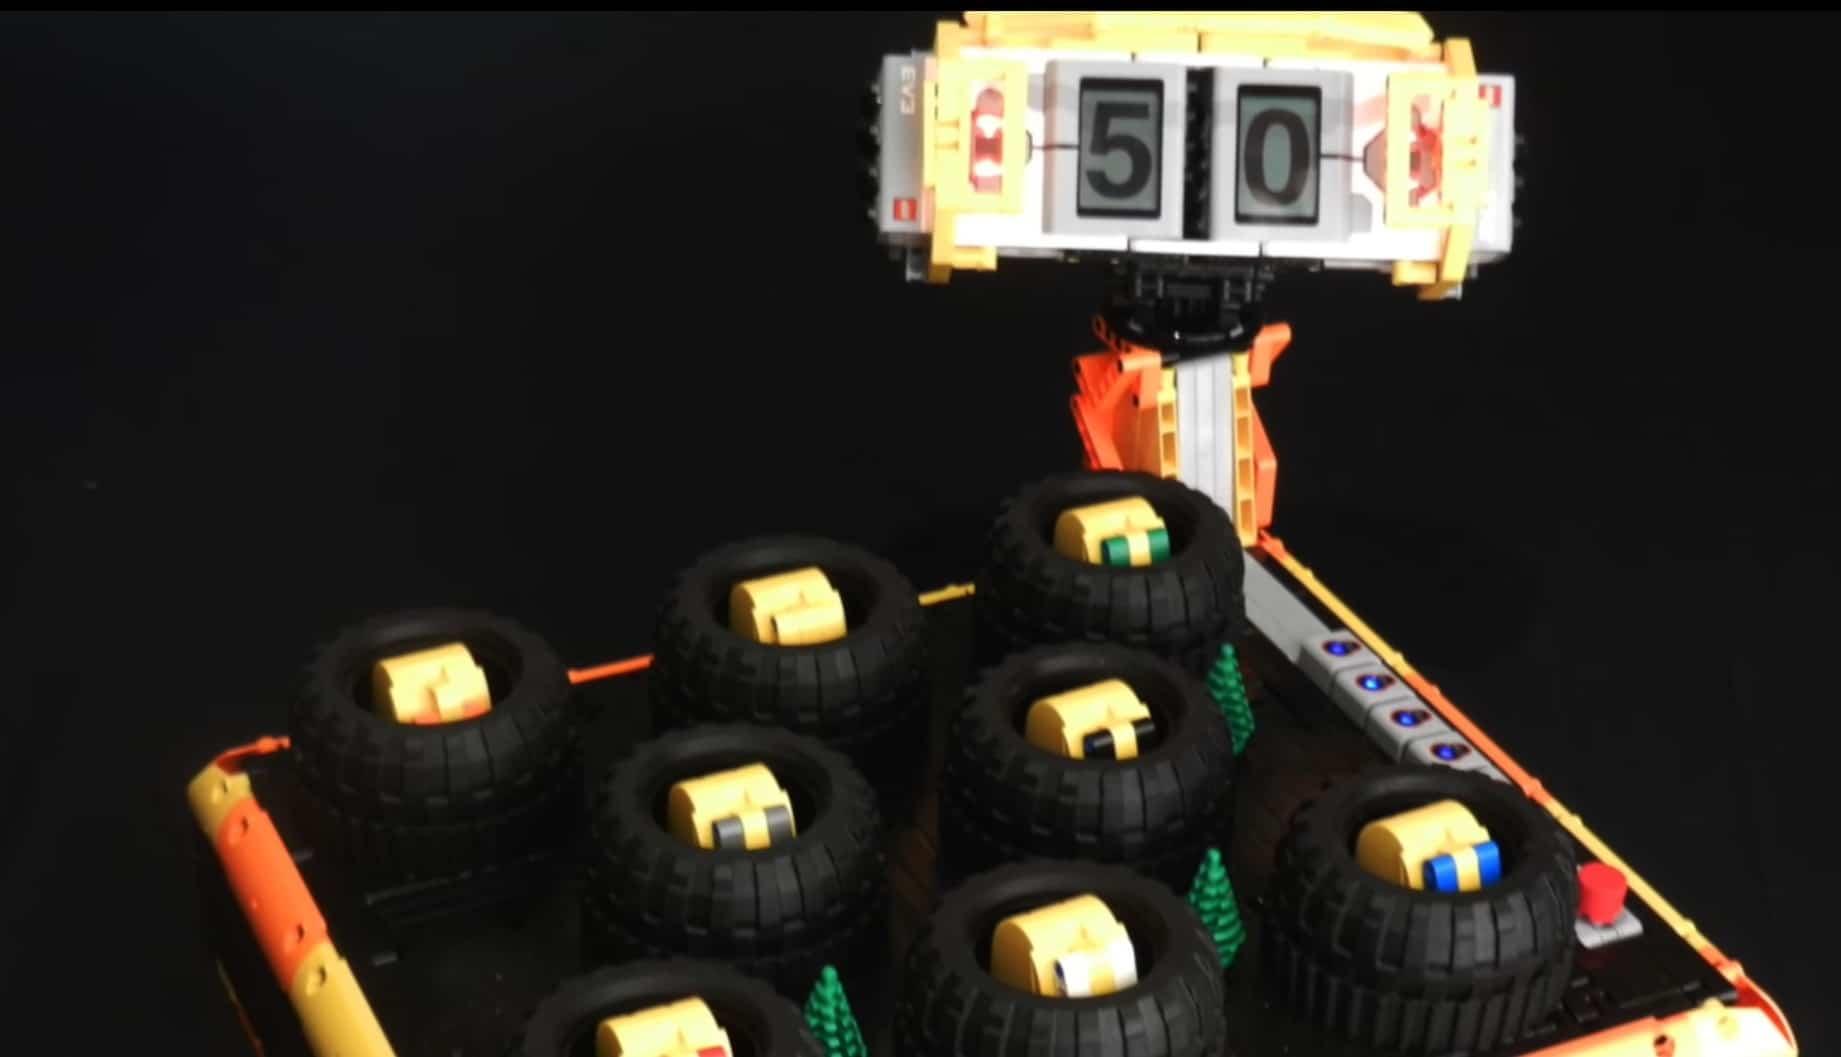 Lustiges Brettspiel mit LEGO gebaut. (Foto: Screenshot / YouTube)